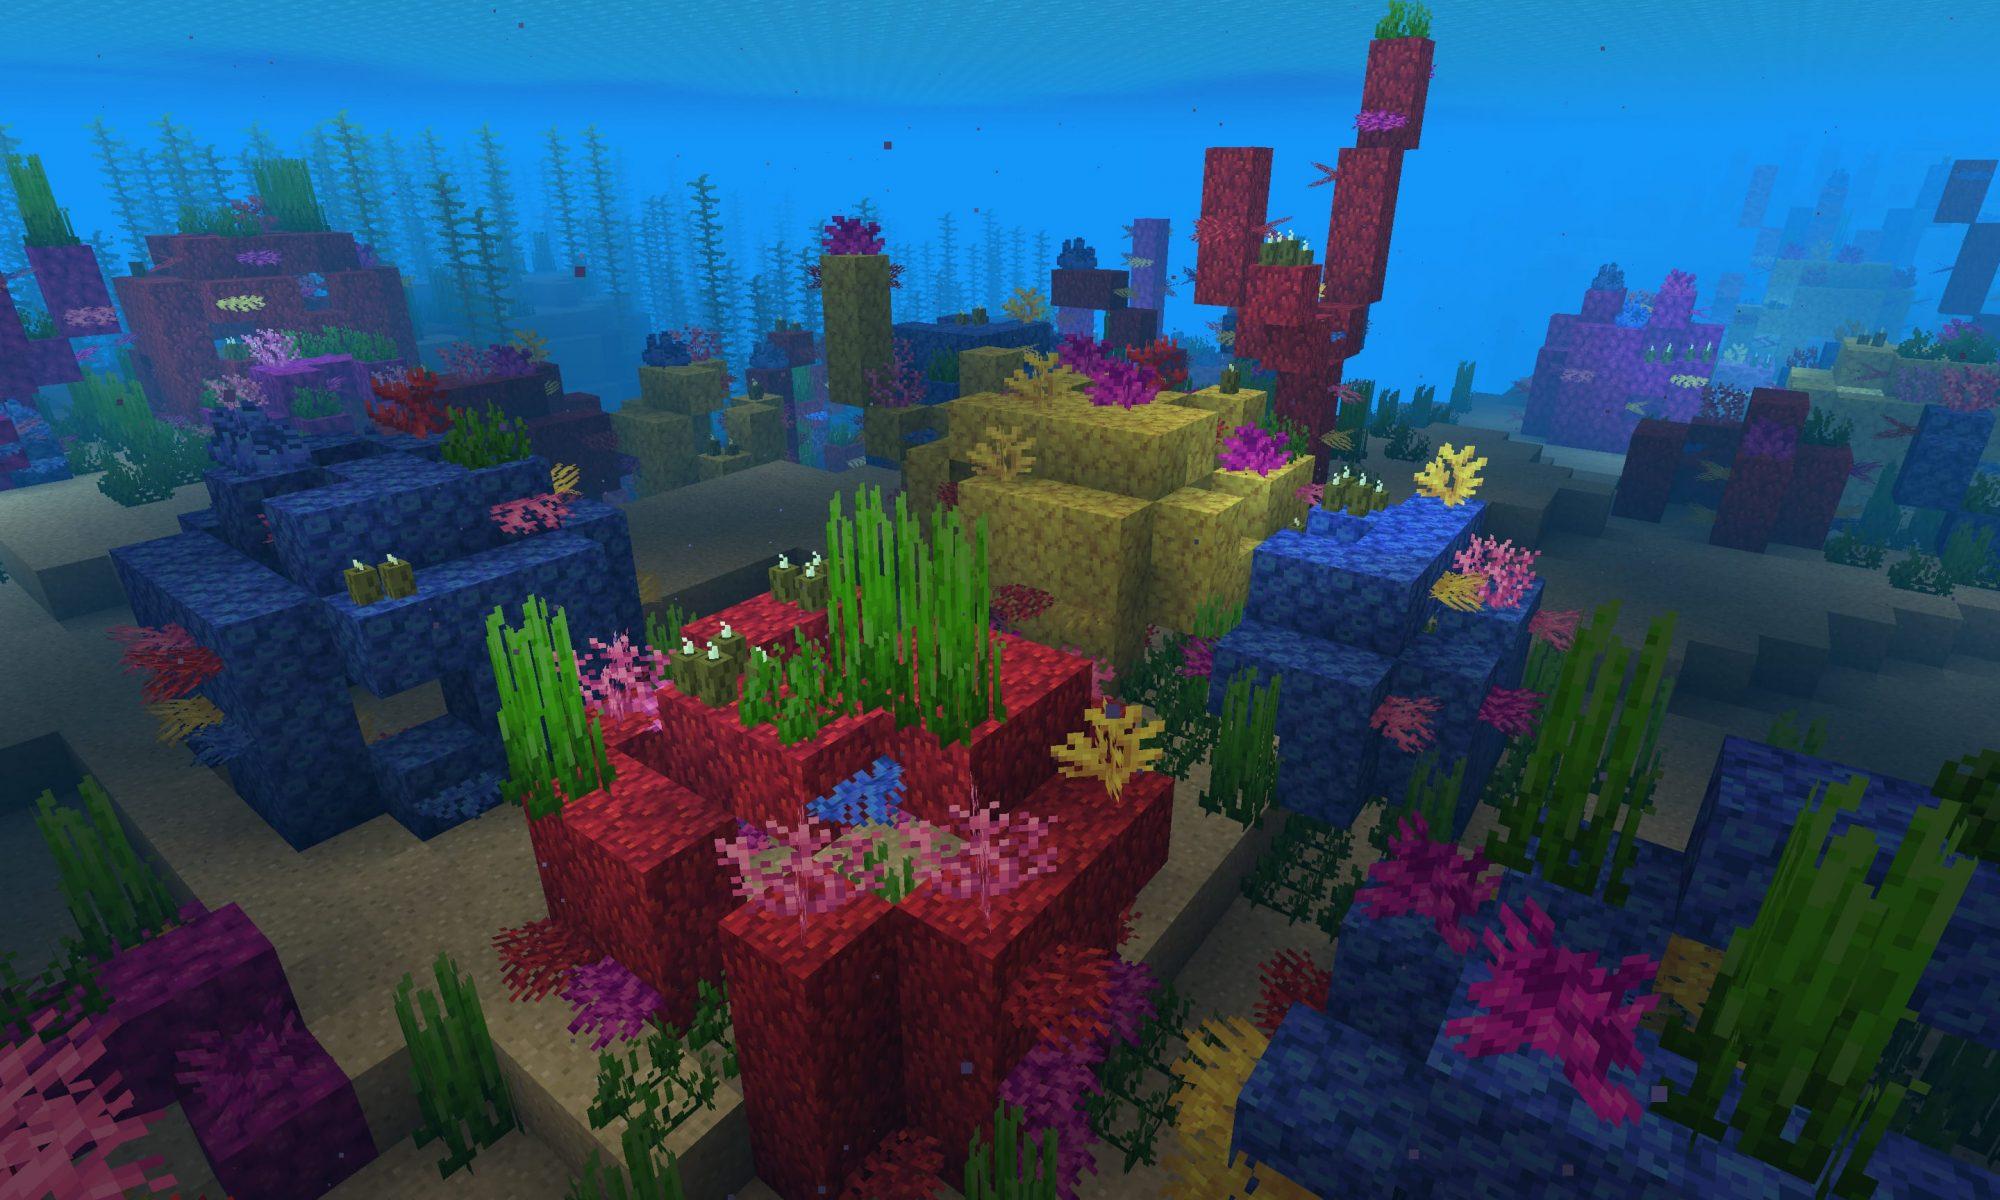 Coral Reef Seed